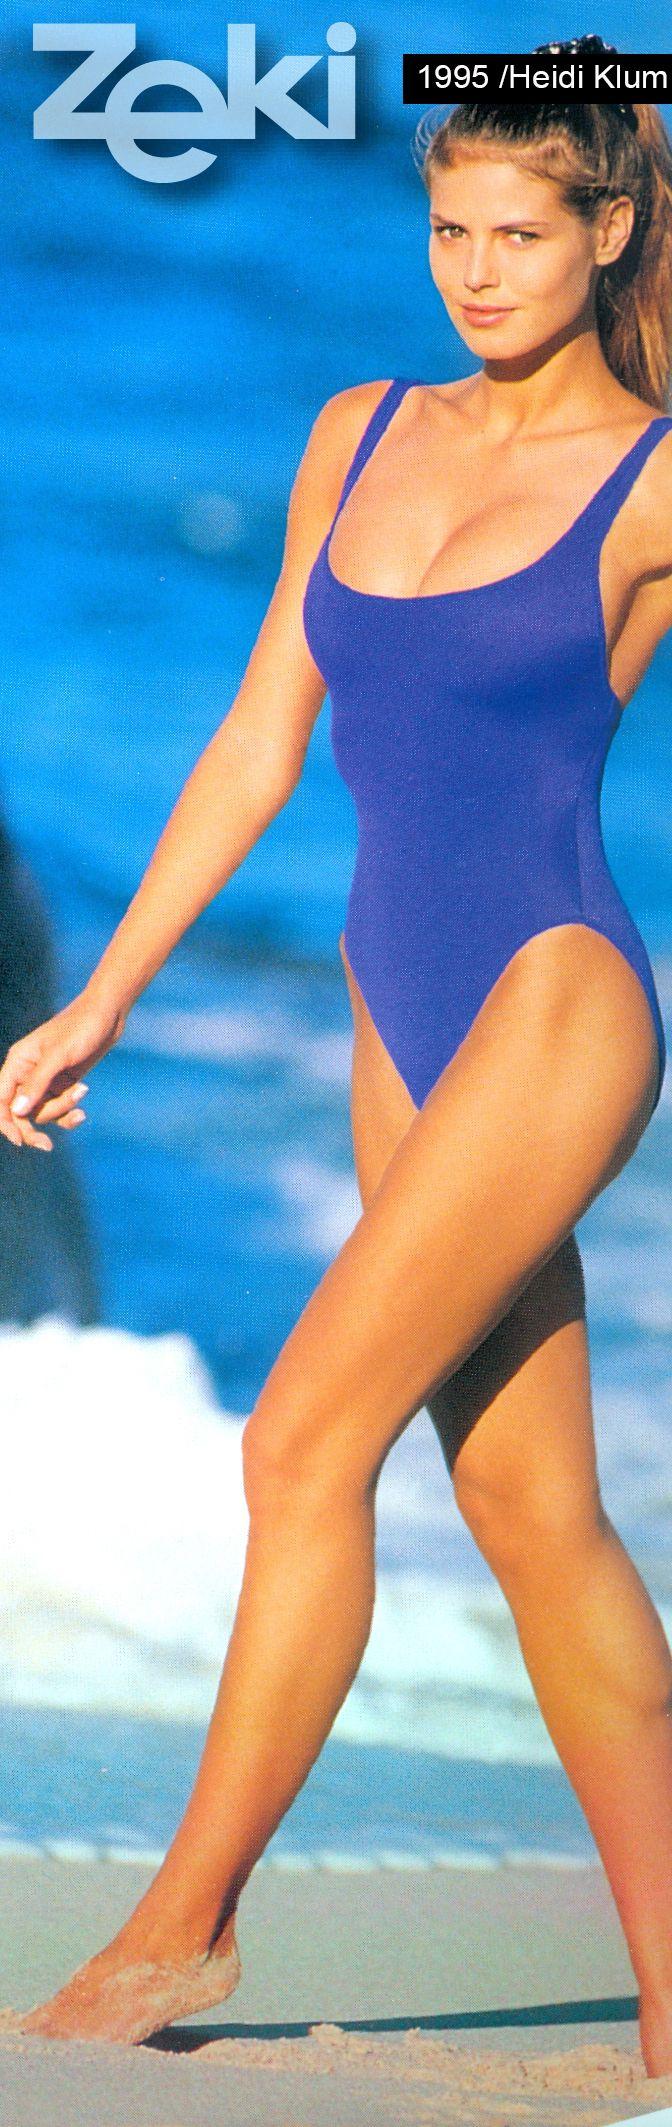 Heidi Klum was the model of Zeki Triko in 1995.